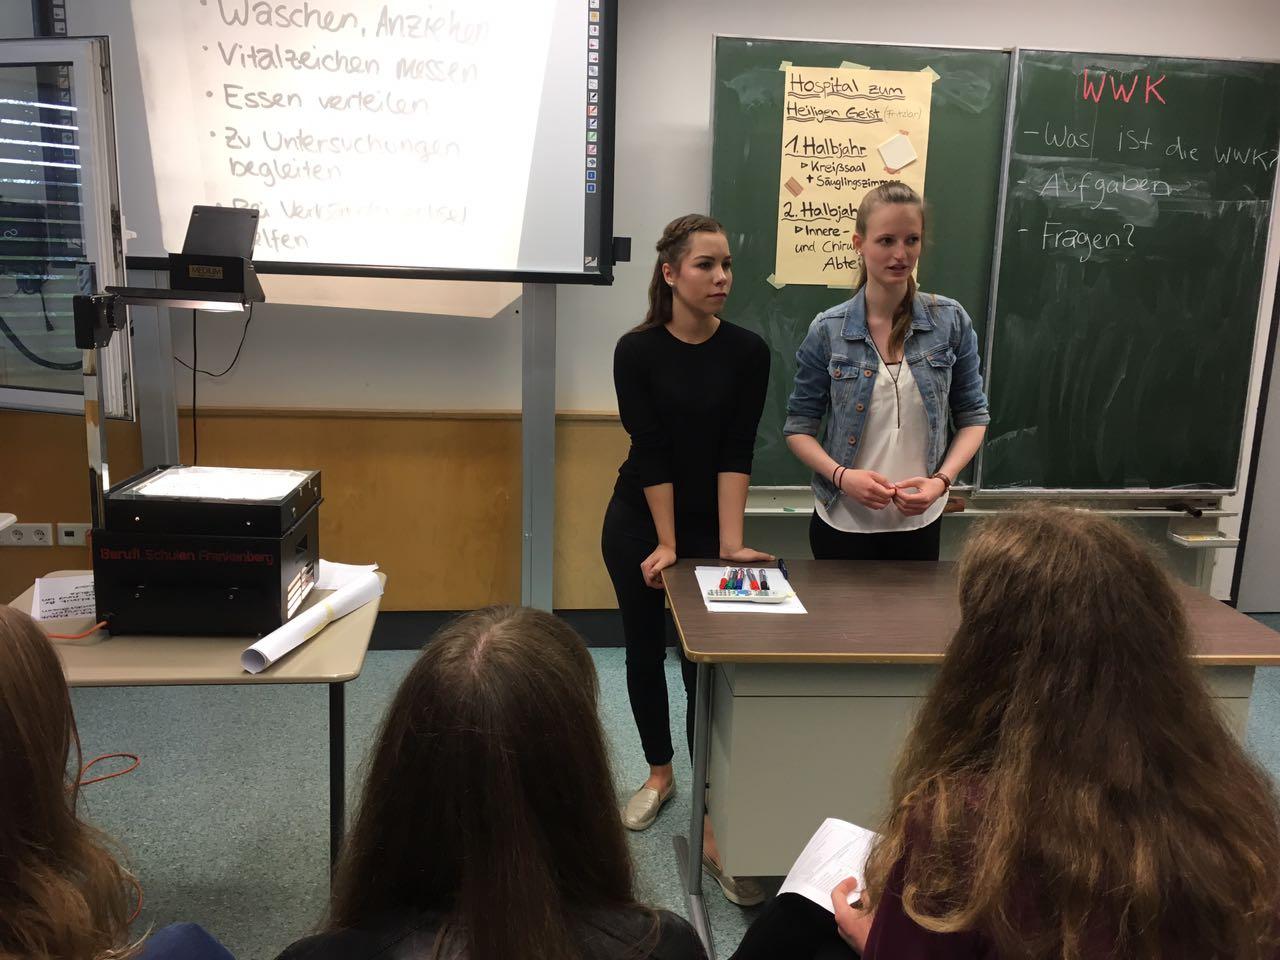 Gesundheit: Hans-Viessmann-Schule - Berufliches Kompetenzzentrum